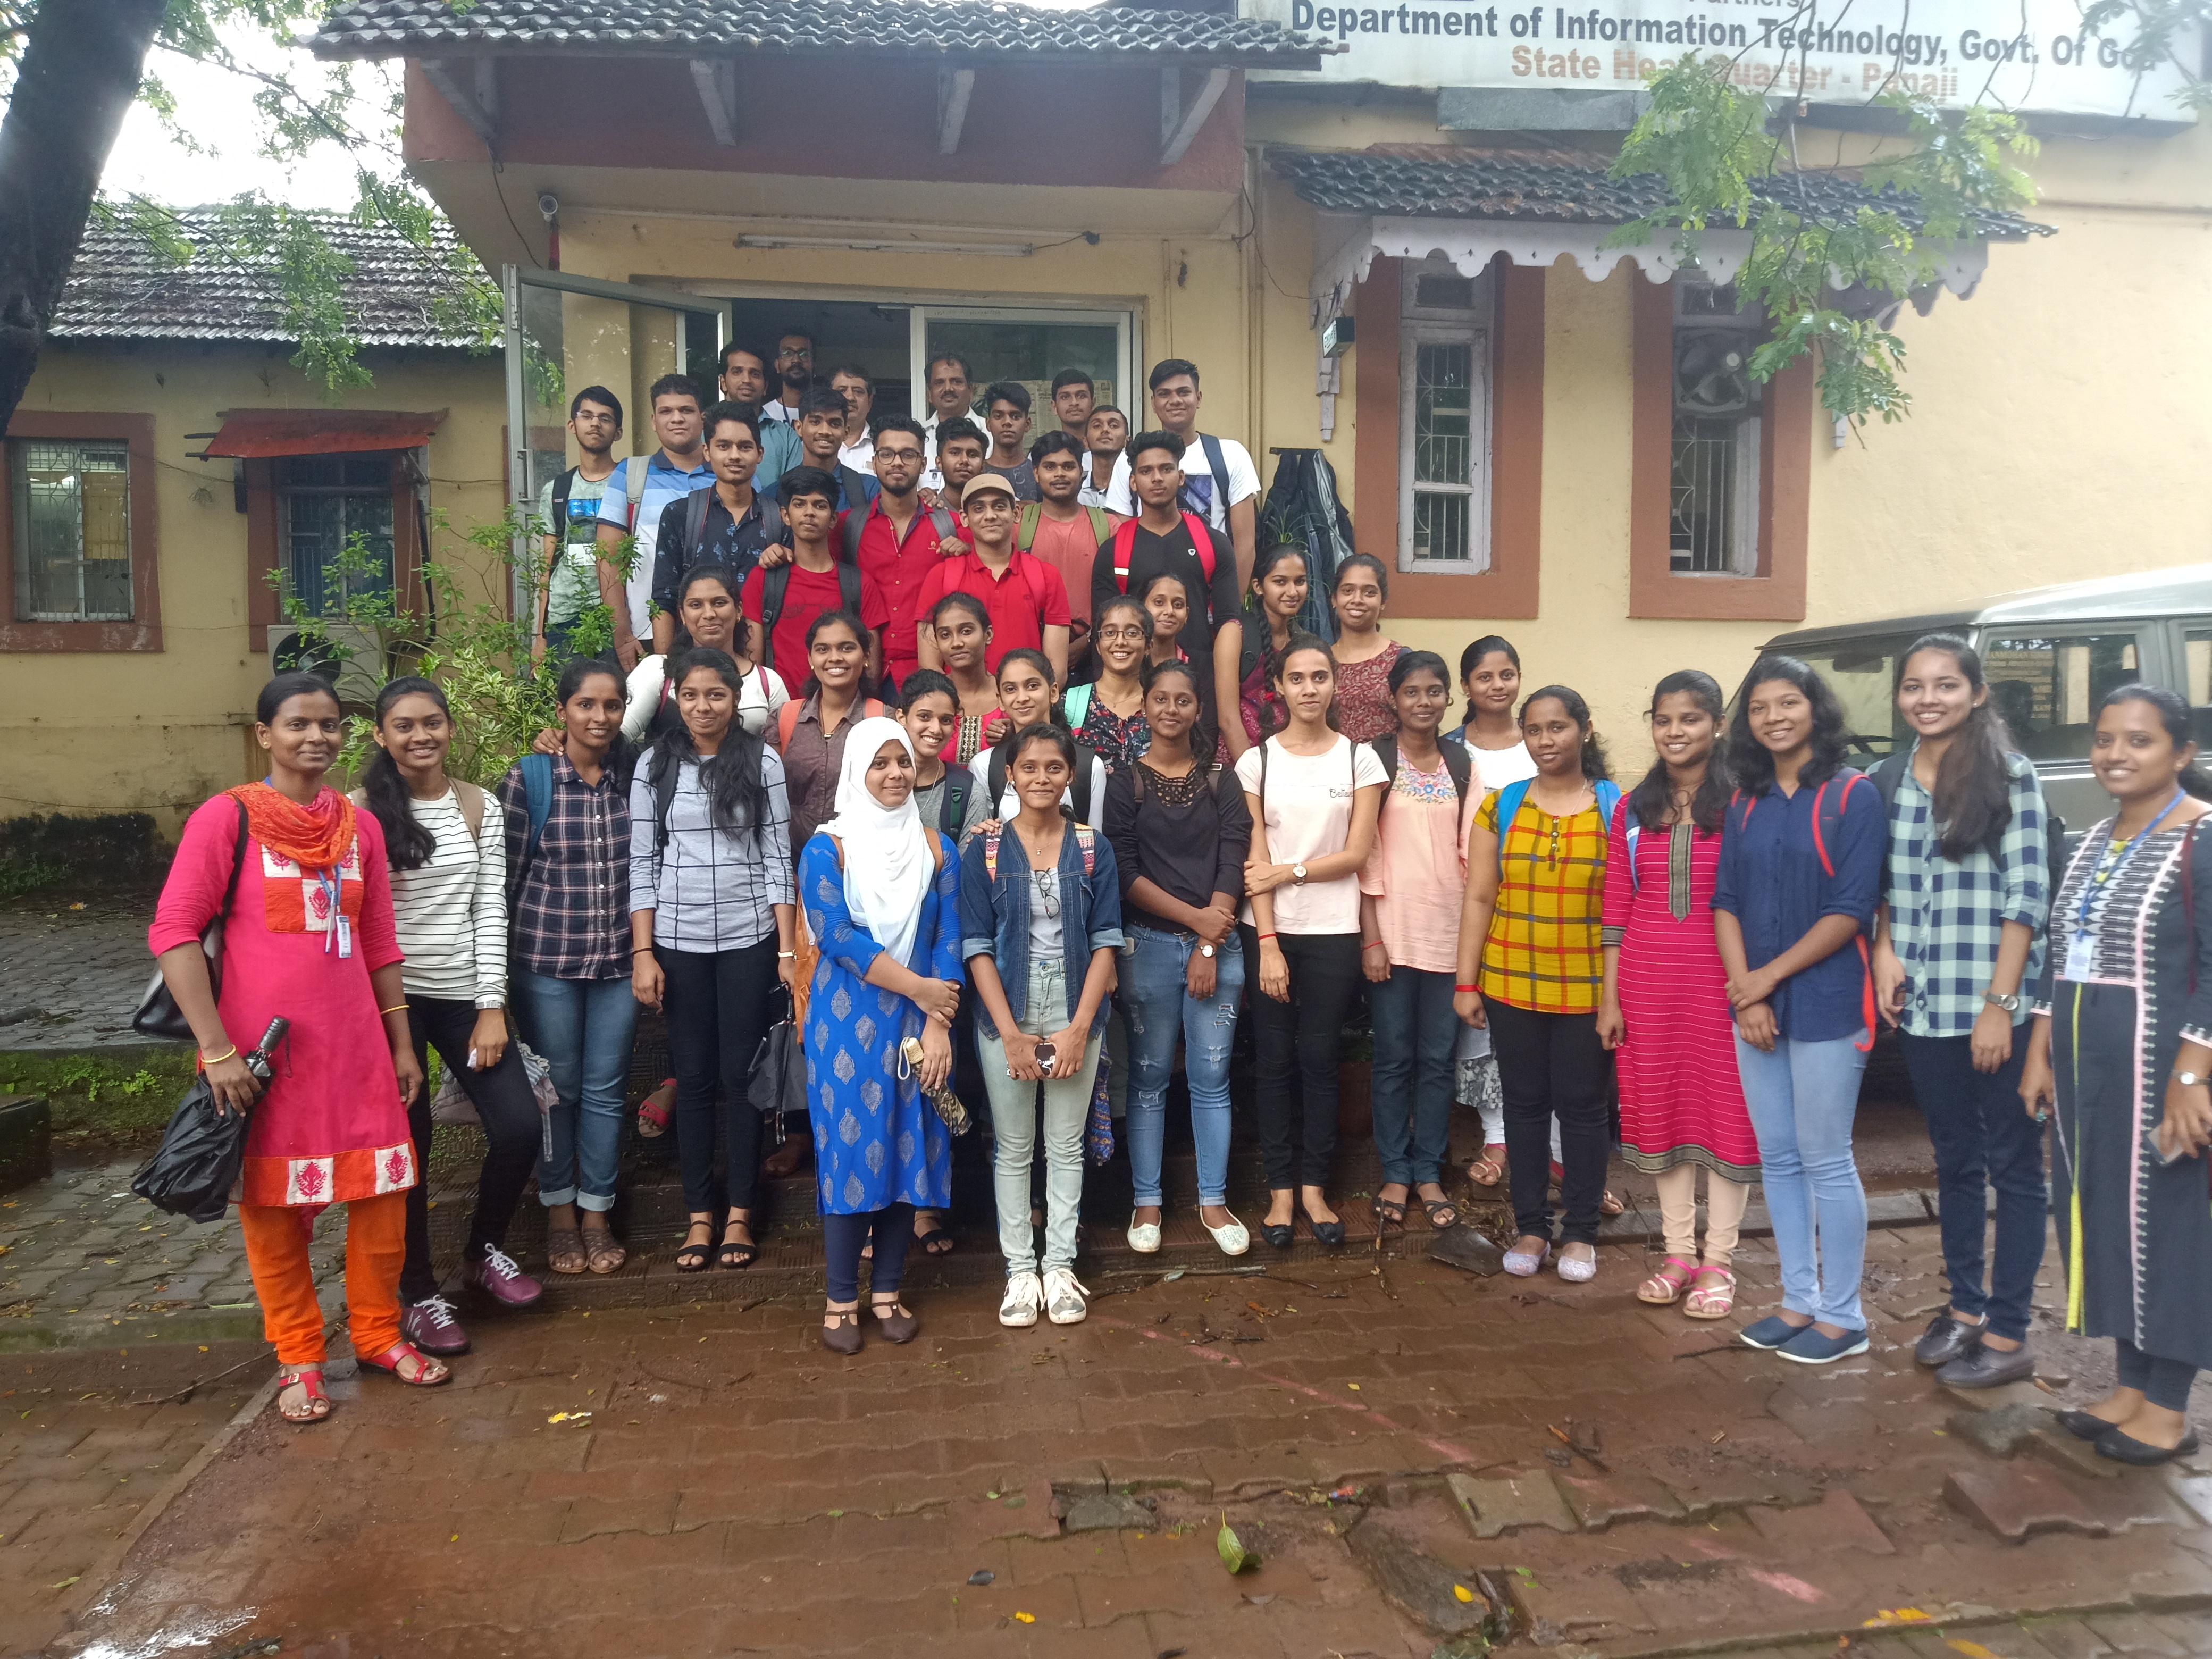 Field Trip_Dept of IT Goa Govt.(GBBN)